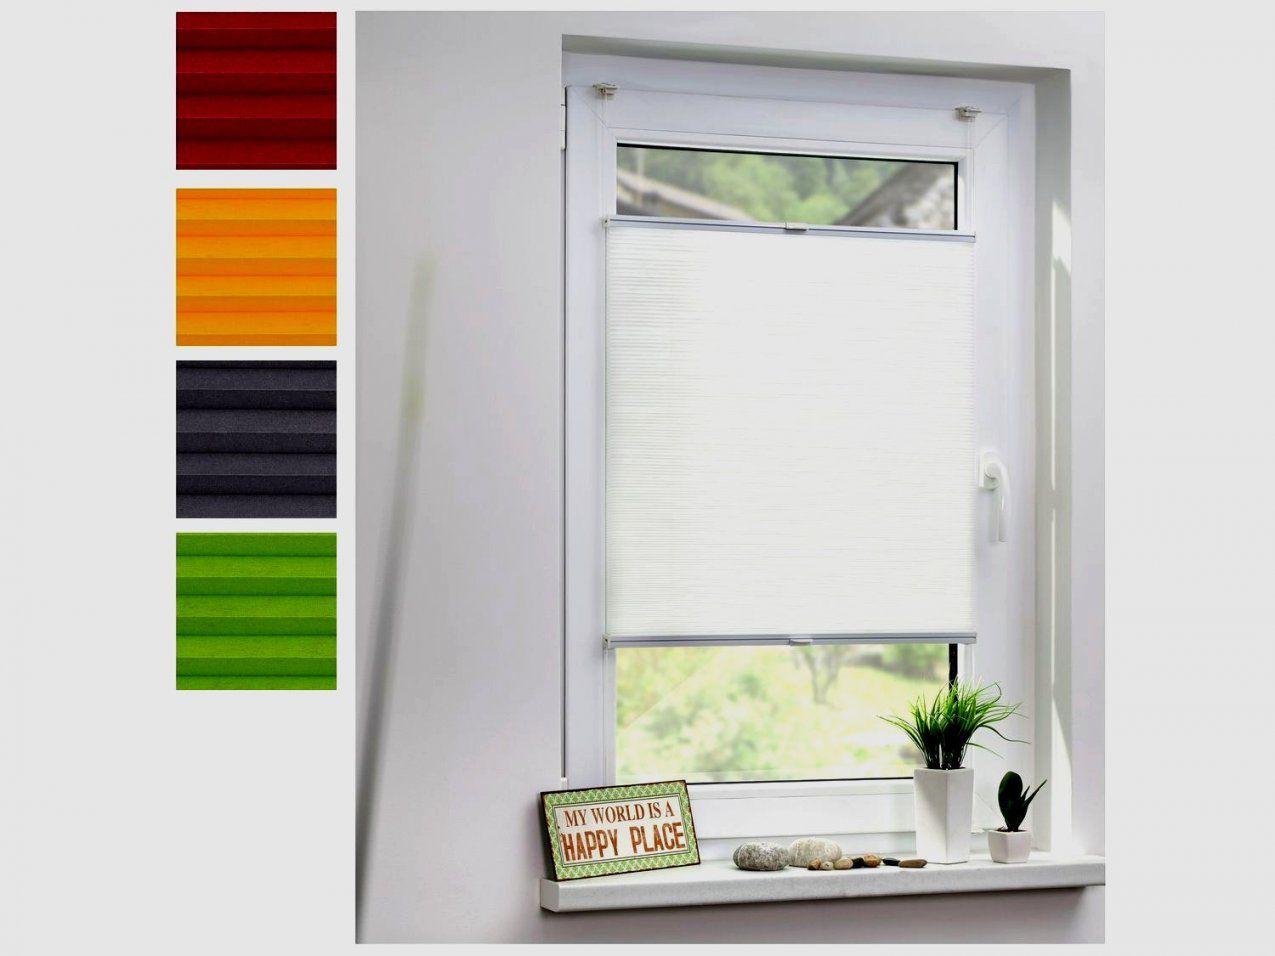 Rollo Balkontur Erstes Plissee Fur Das Badezimmerfenster